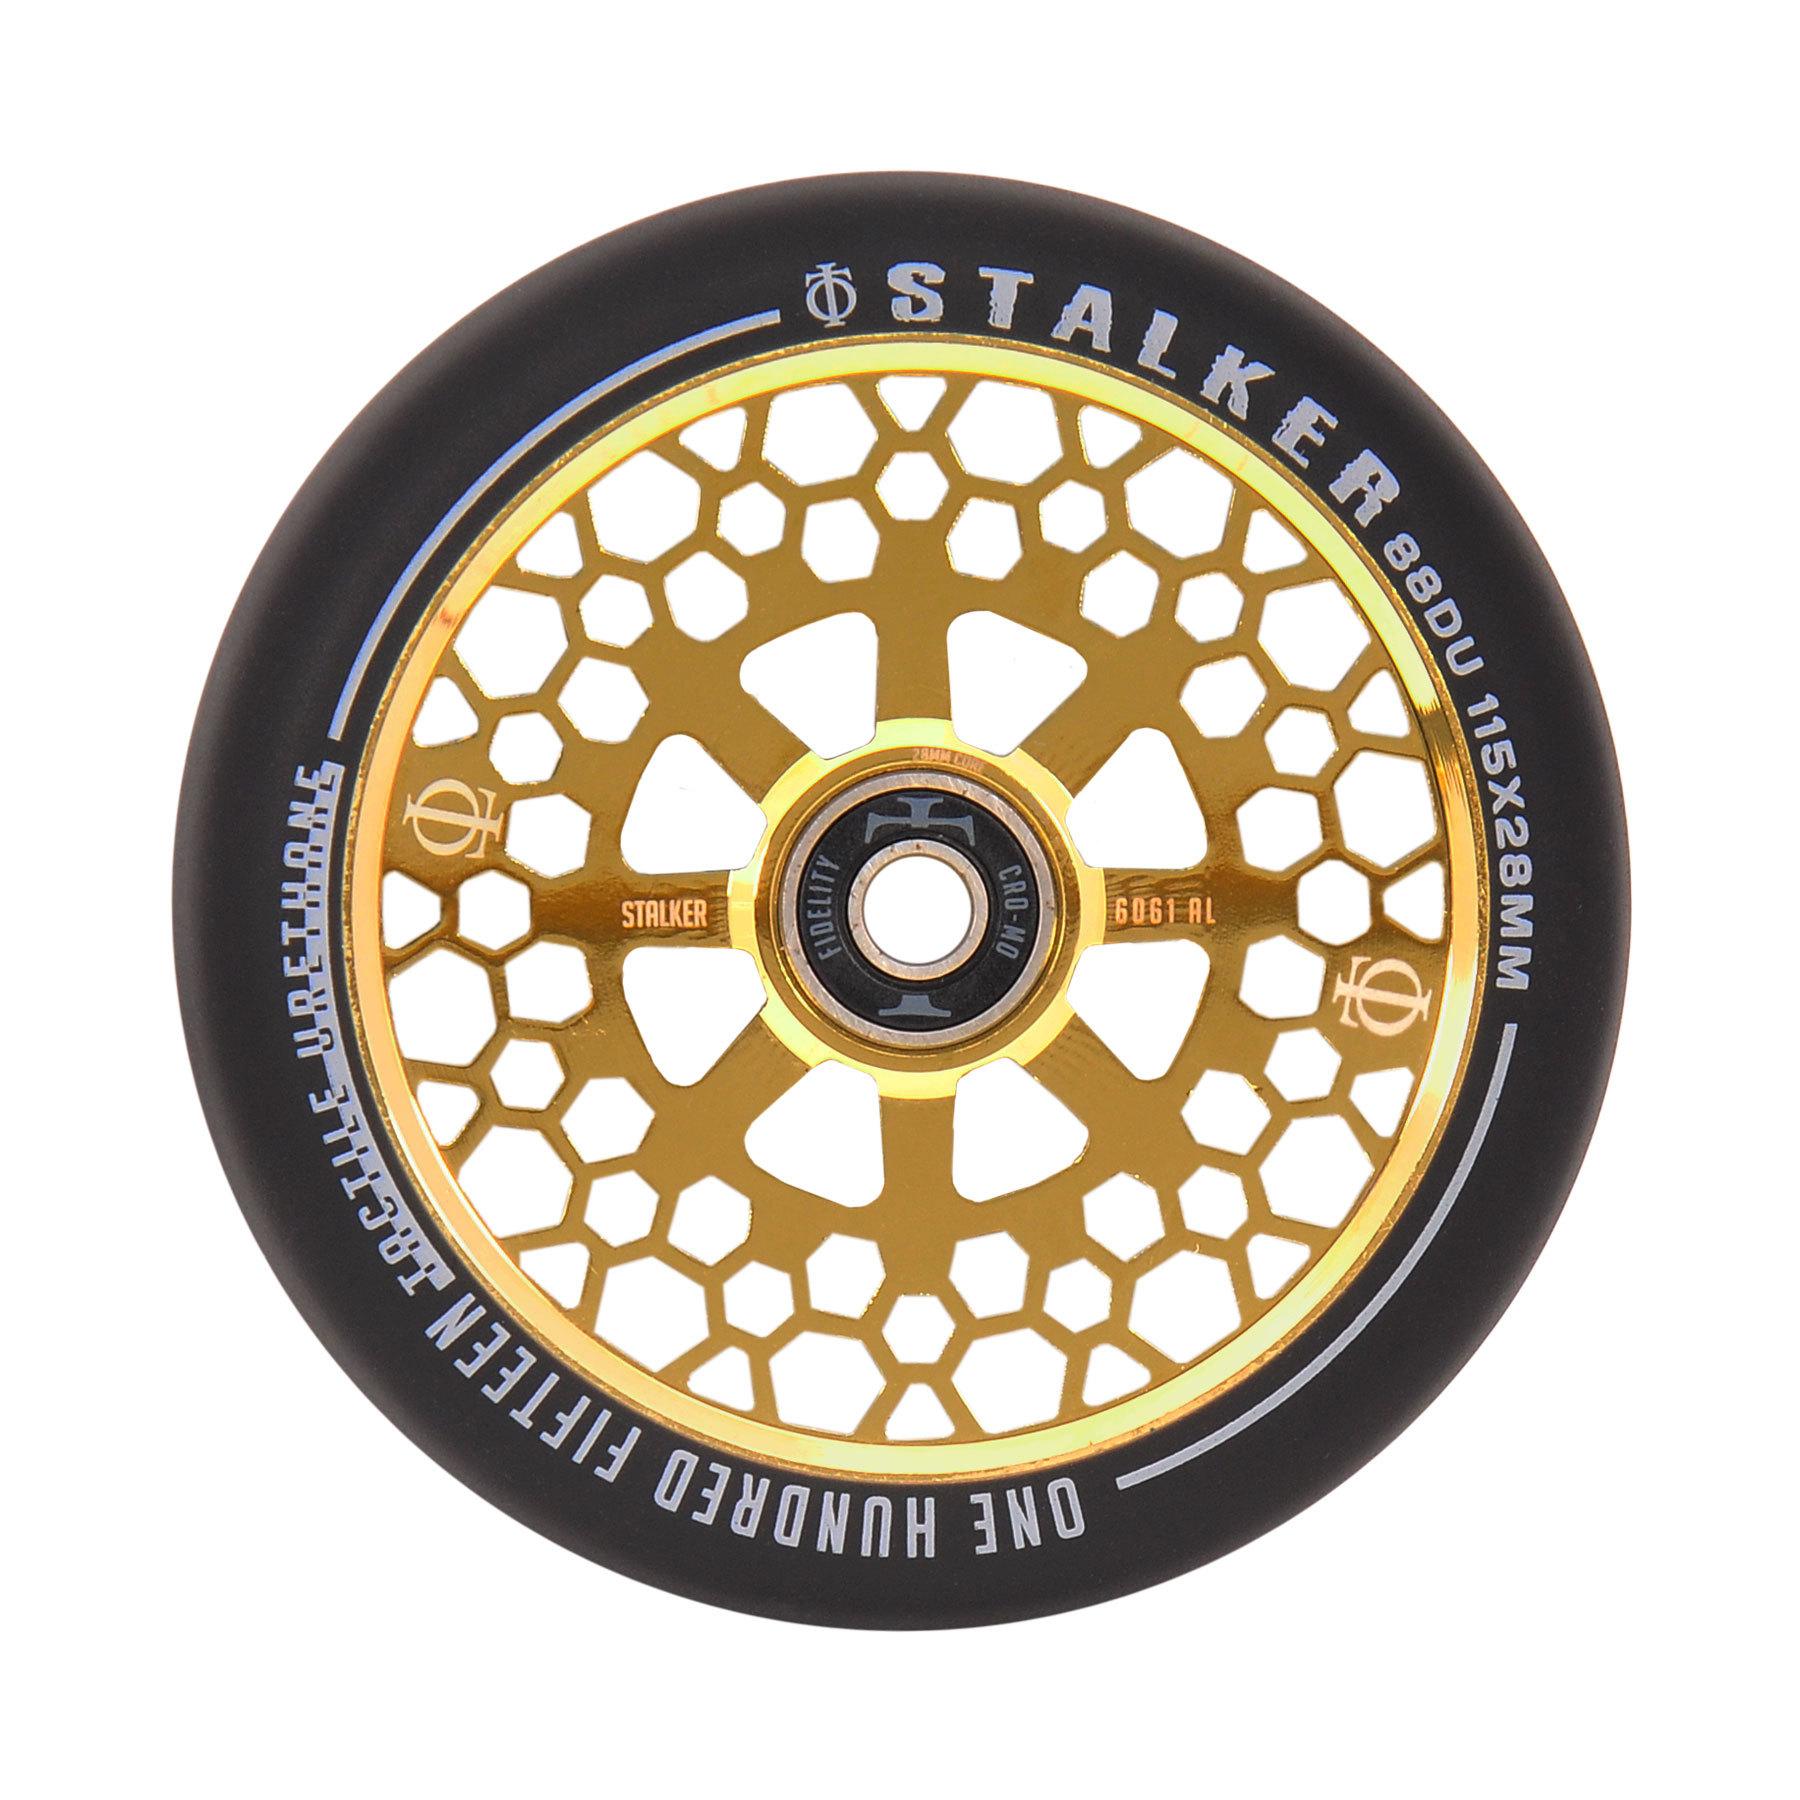 Пара колёс для самоката OATH Stalker (Neo Gold)